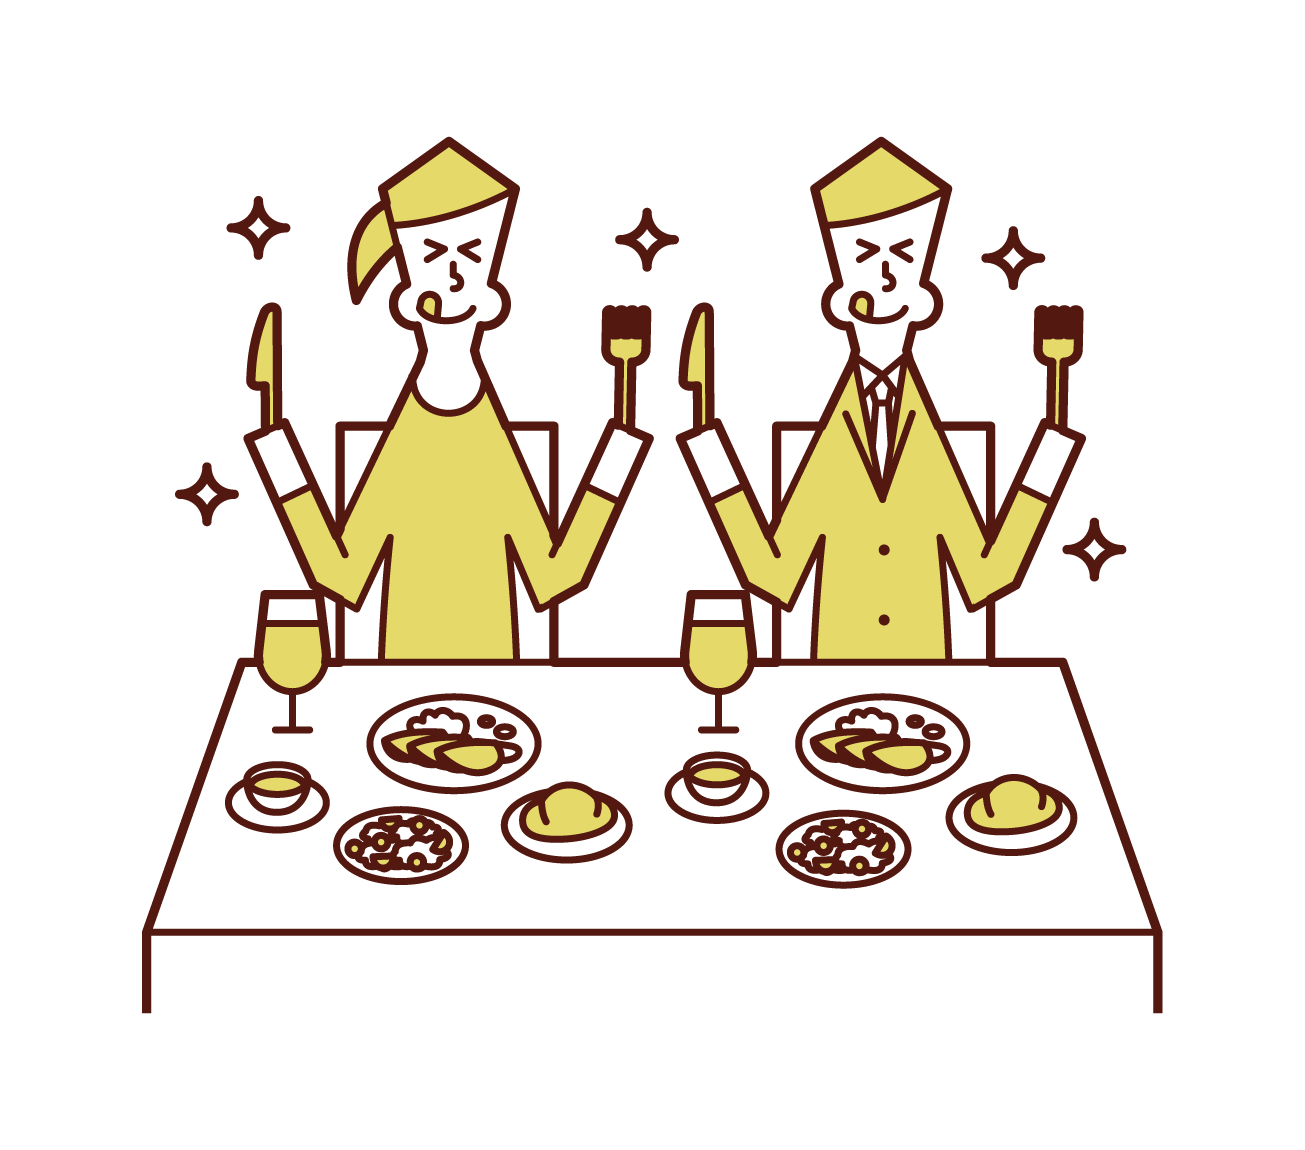 レストランで美味しそうに食事をするカップルのイラスト